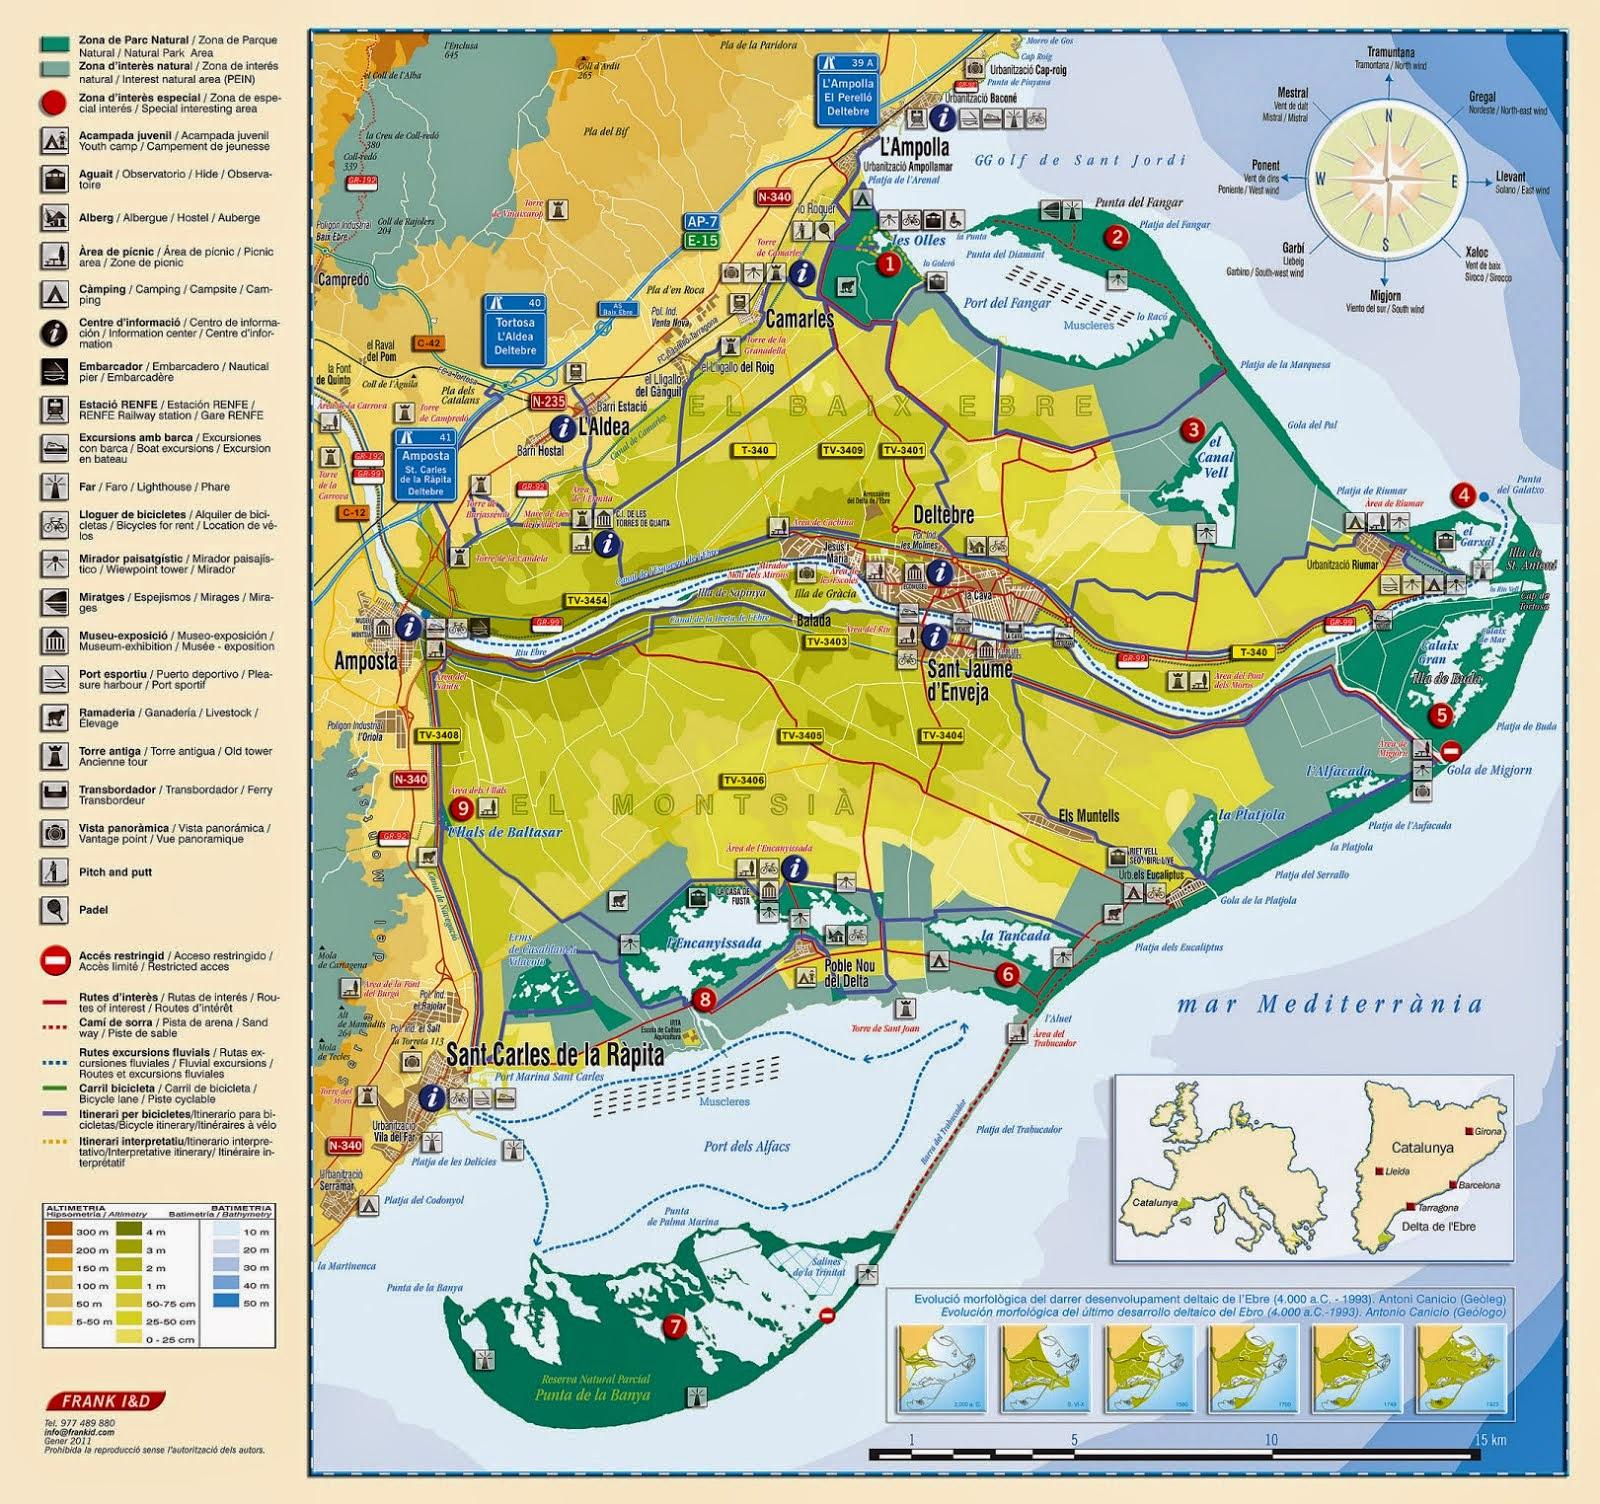 Mapa Delta de l'Ebre